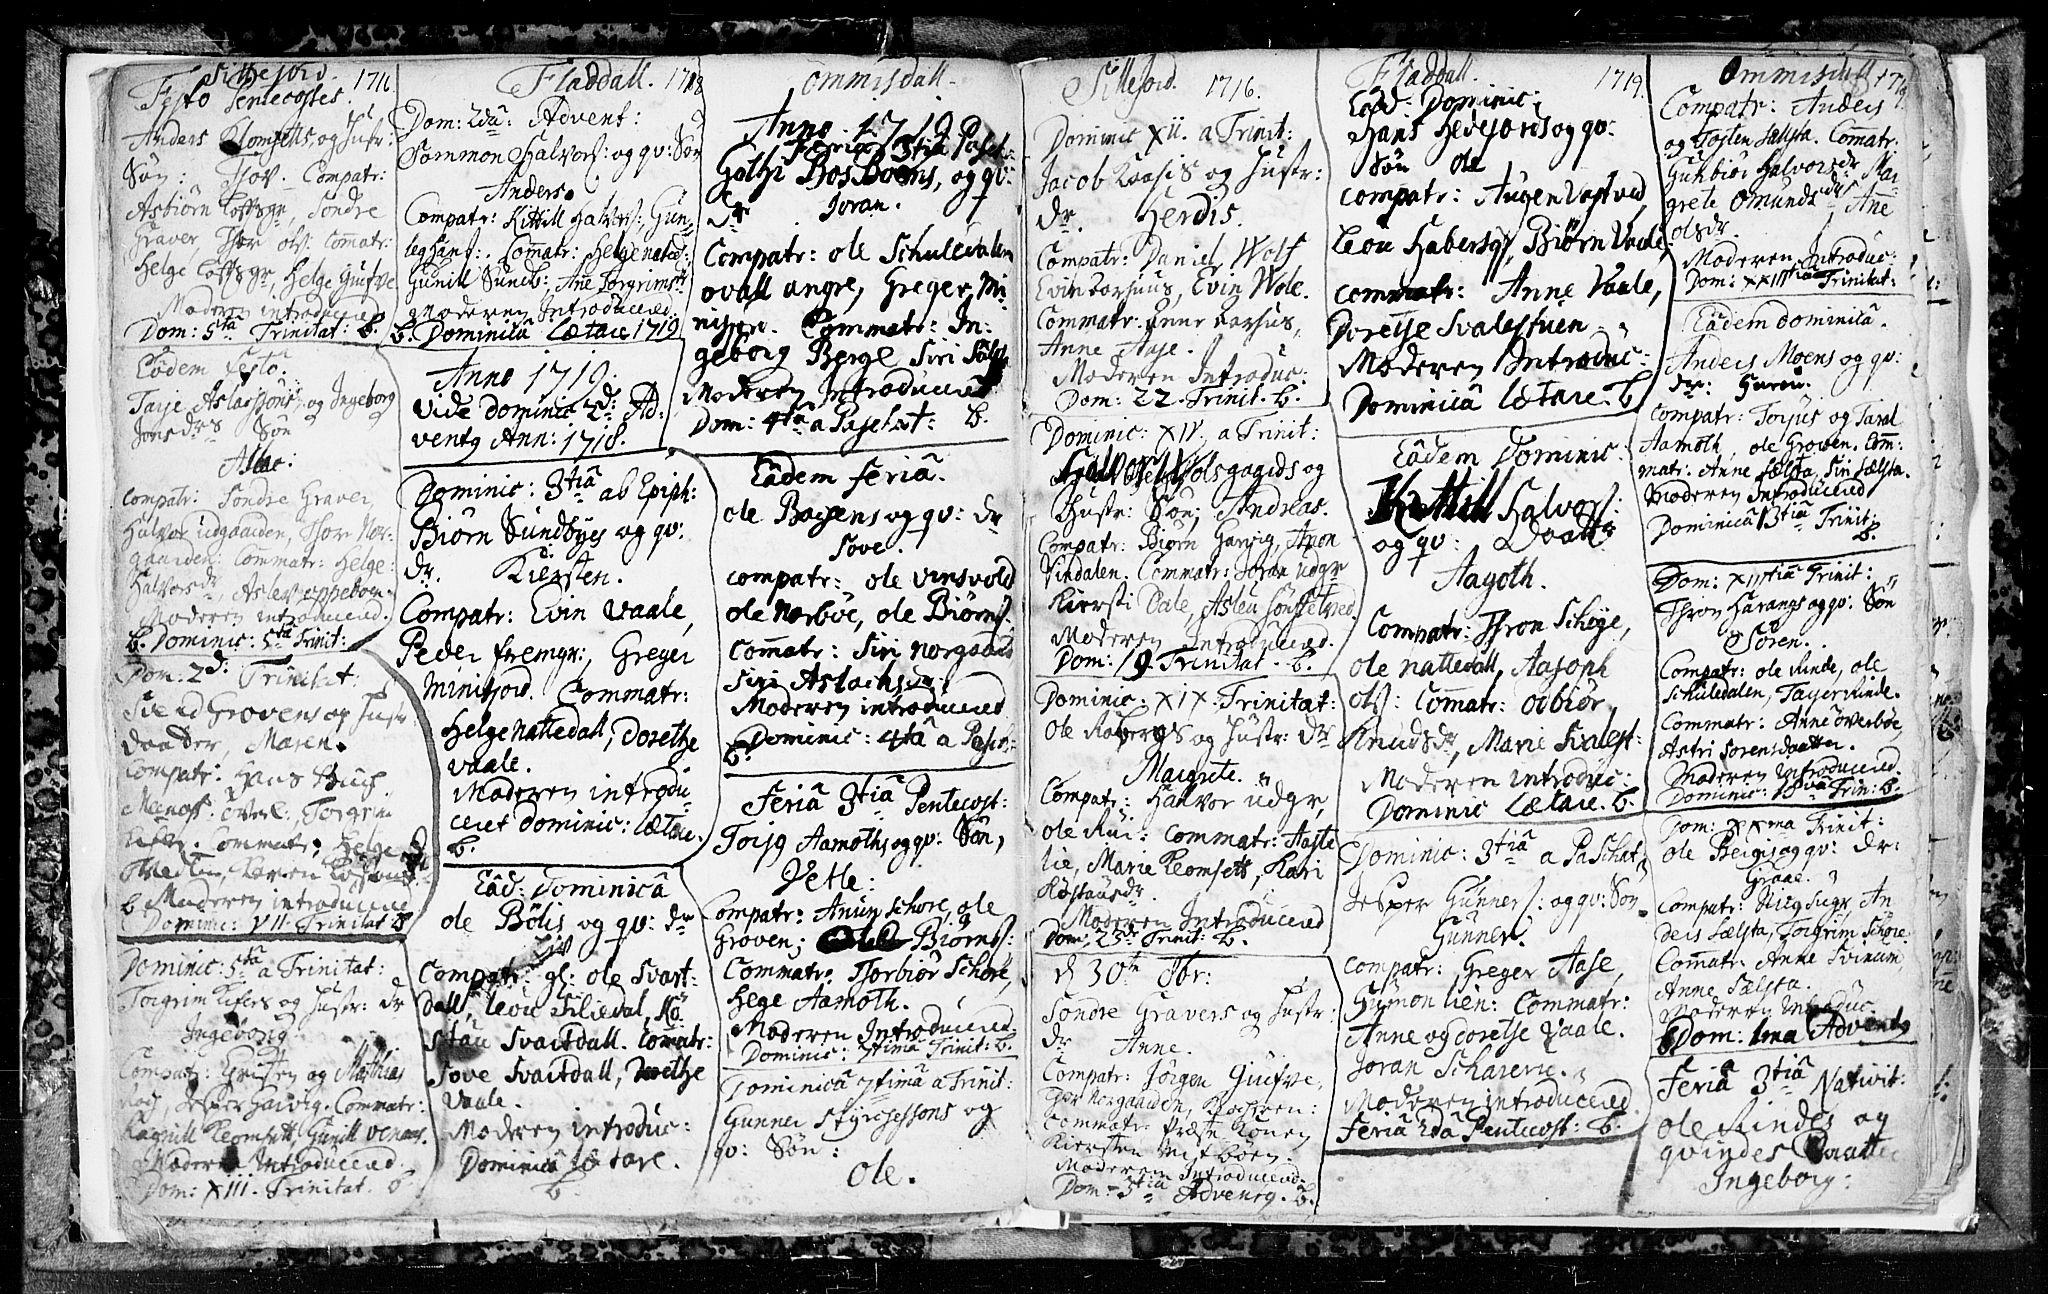 SAKO, Seljord kirkebøker, F/Fa/L0003: Ministerialbok nr. I 3, 1714-1725, s. 8